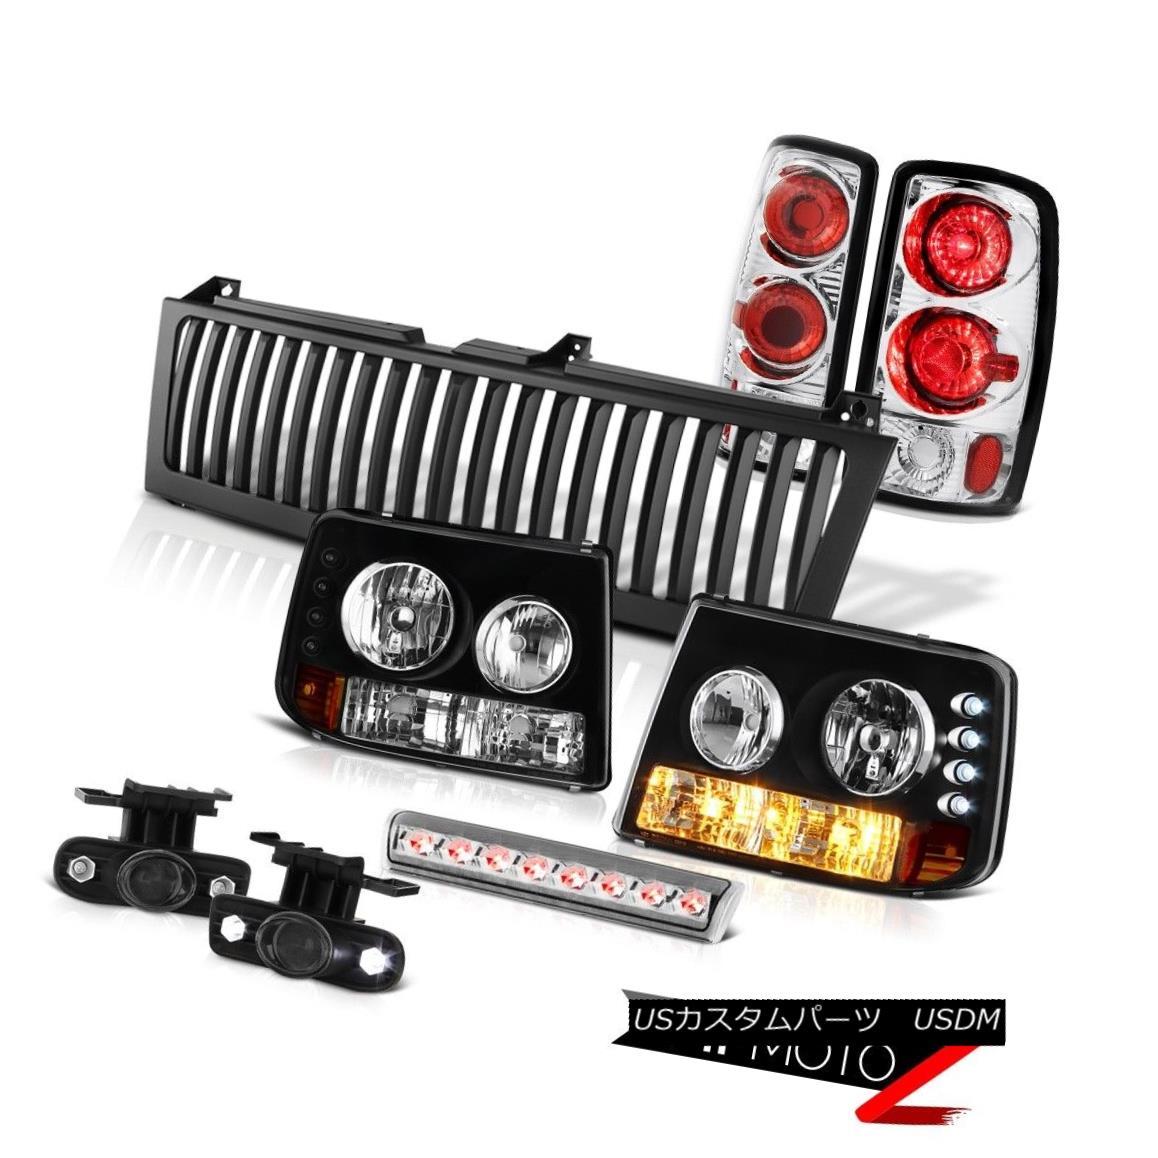 テールライト Bumper+Headlamps Rear Signal 3rd Lamps Fog High LED Black Grille 00-06 Tahoe LS バンパー+ヘッドラム psリアシグナル第3ランプフォグハイLEDブラックグリル00-06タホLS